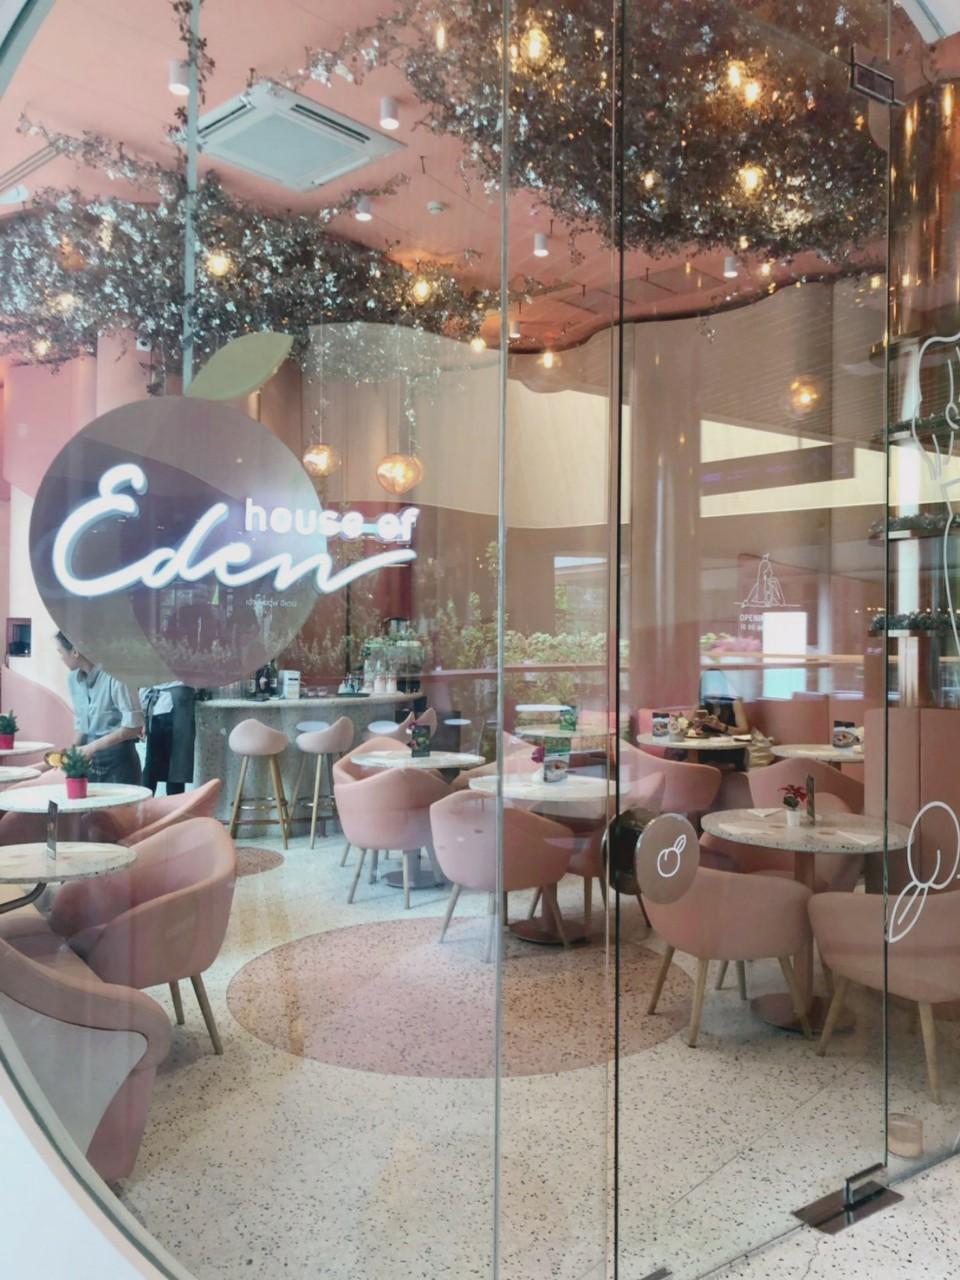 おとなピンクに染まるカフェ。タイ・バンコクのhouse of Eden(ハウスオブエデン)